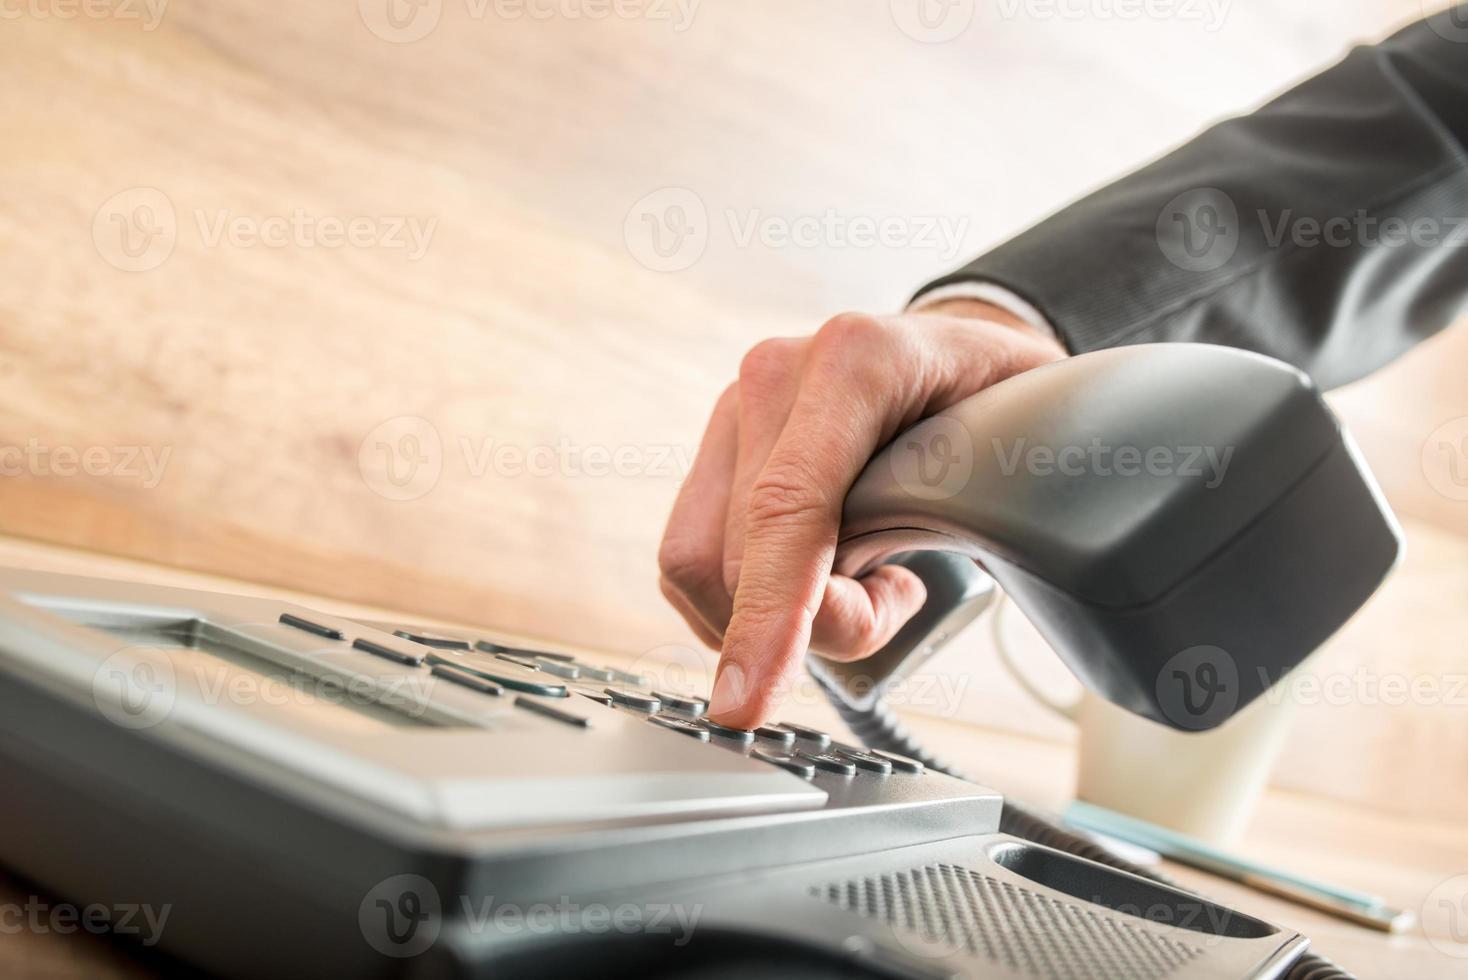 consultor segurando o receptor de um telefone de mesa enquanto disca foto